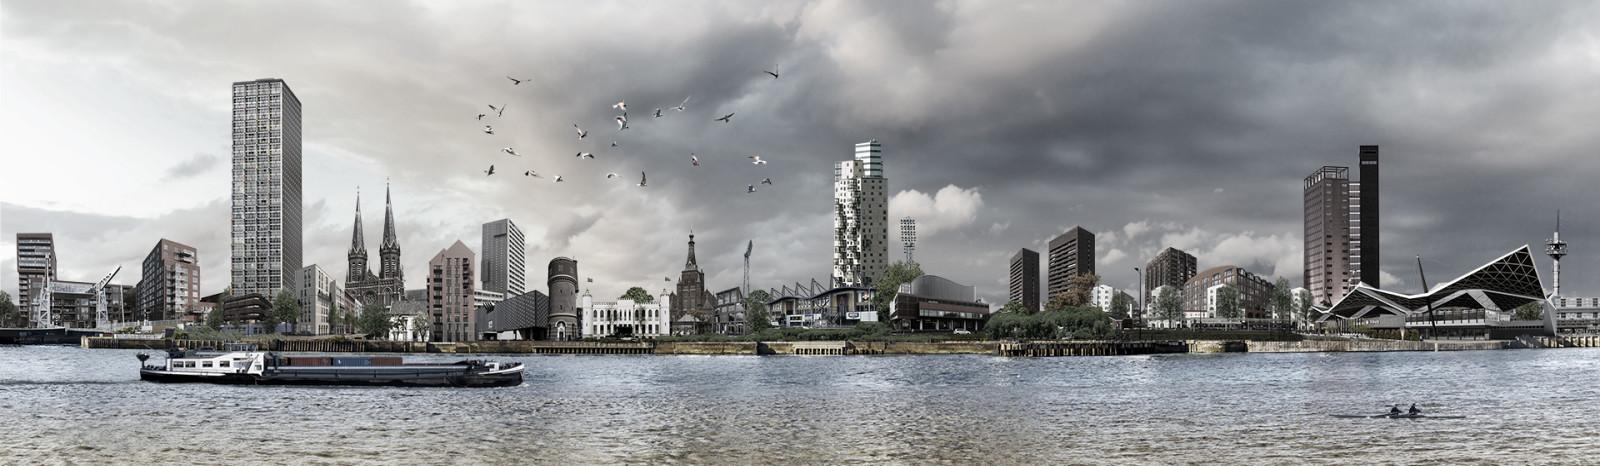 skyline Tilburg Spoorzone